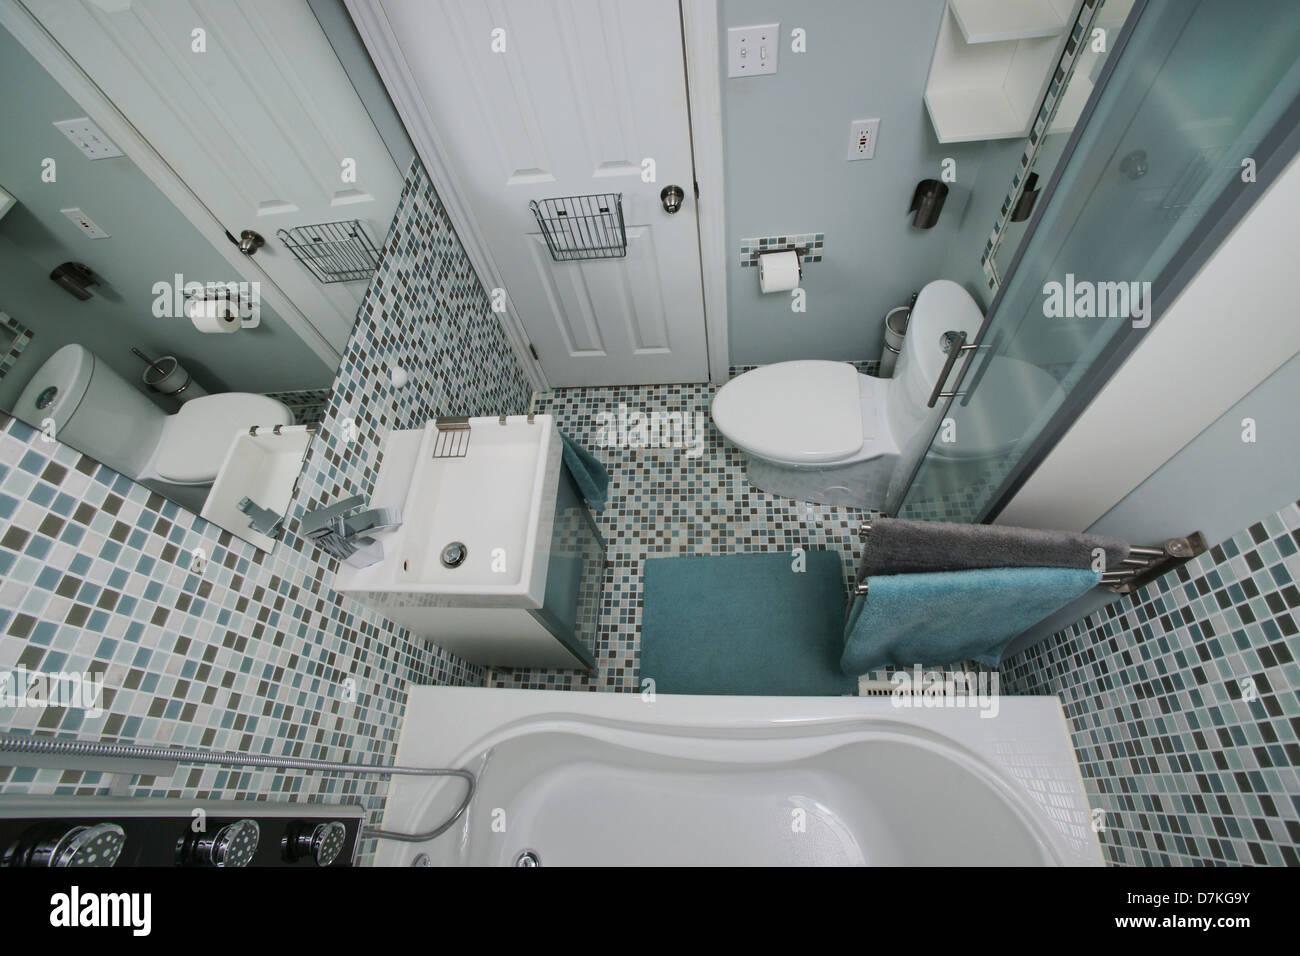 Kleines, Modernes Badezimmer Interieur. Mosaik Fliesen. Weiß. Blau. Grau.